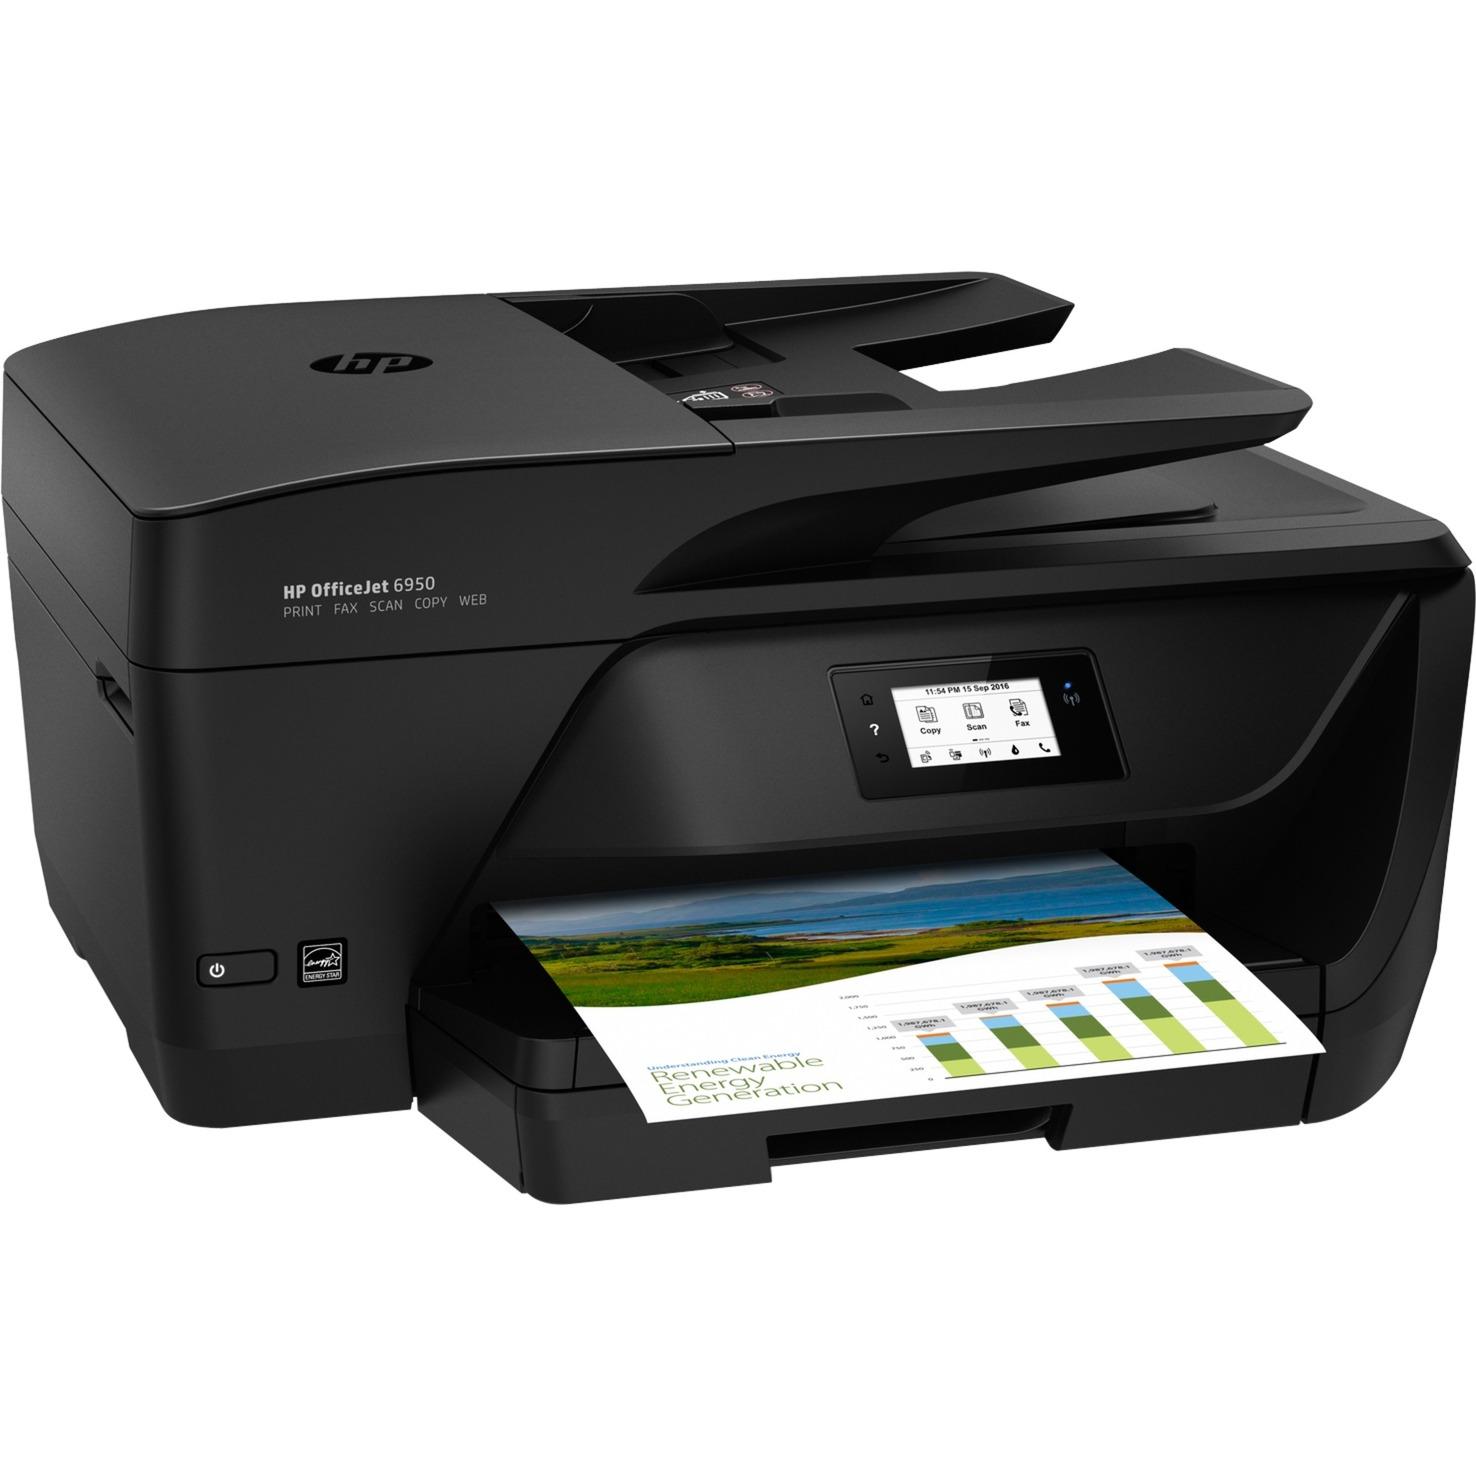 OfficeJet Imprimante tout-en-un 6950, Imprimante multifonction